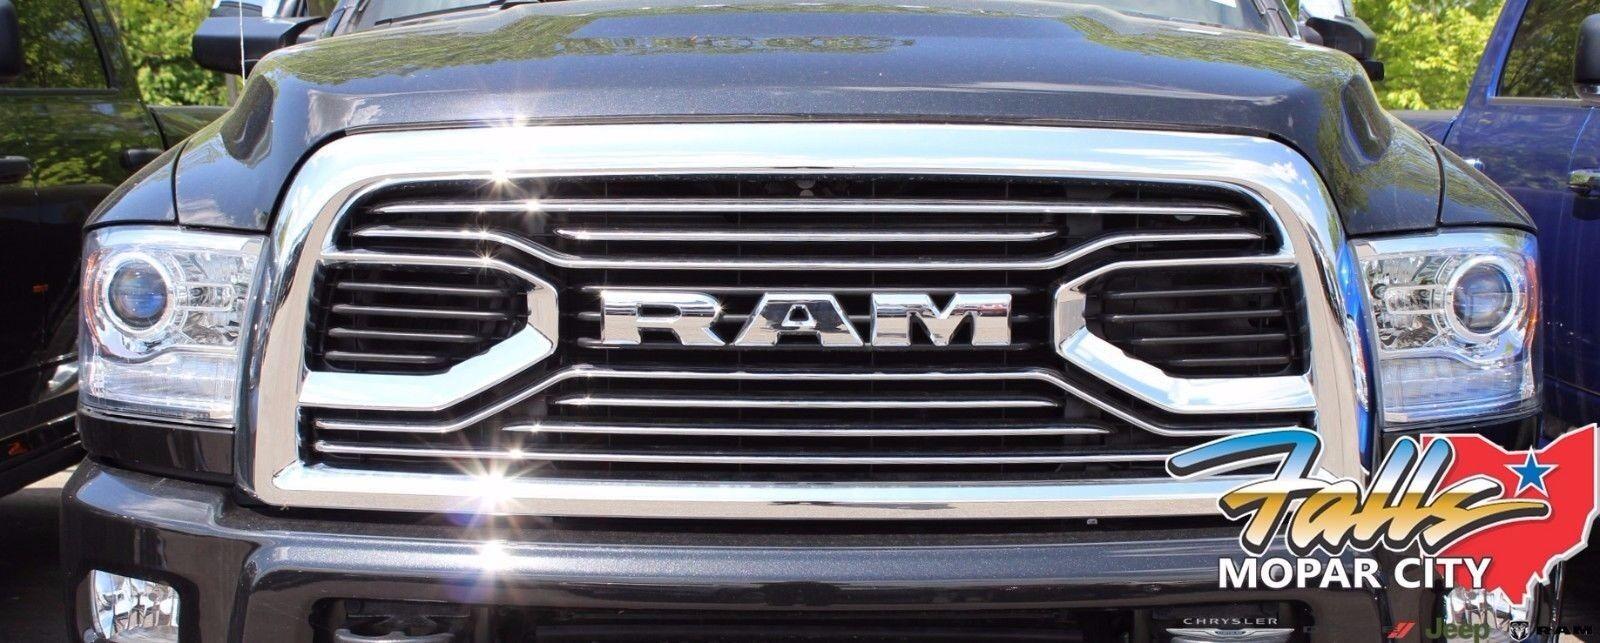 2013-2018 Dodge RAM 2500-5500 Chrome Laramie Limited Front Grille MOPAR OEM | eBay